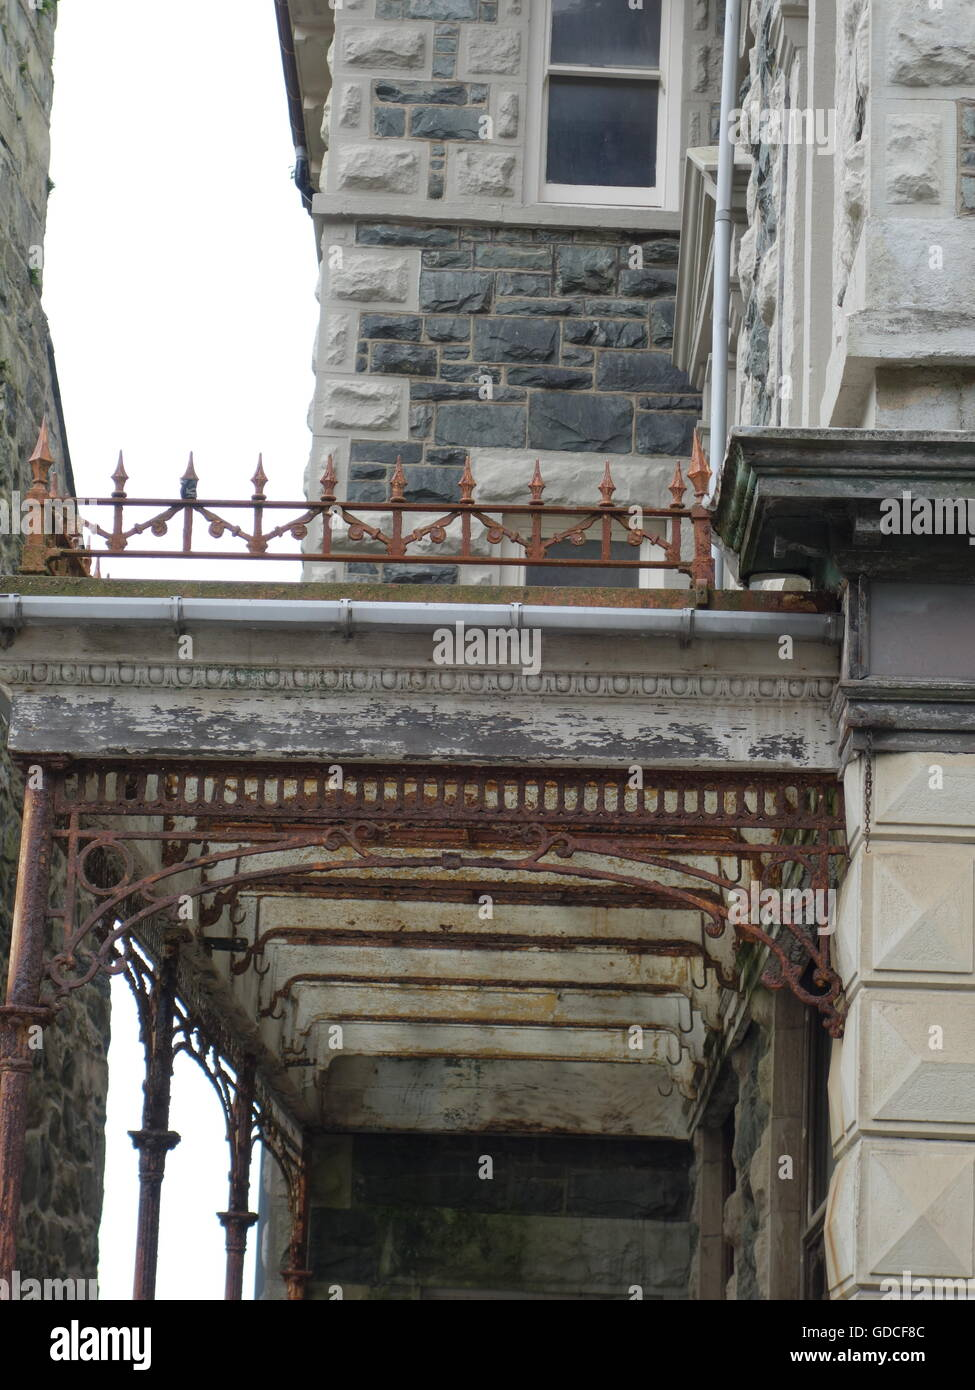 Ein altes rustikales Markise oder Dach-Terrasse-design Stockfoto ...